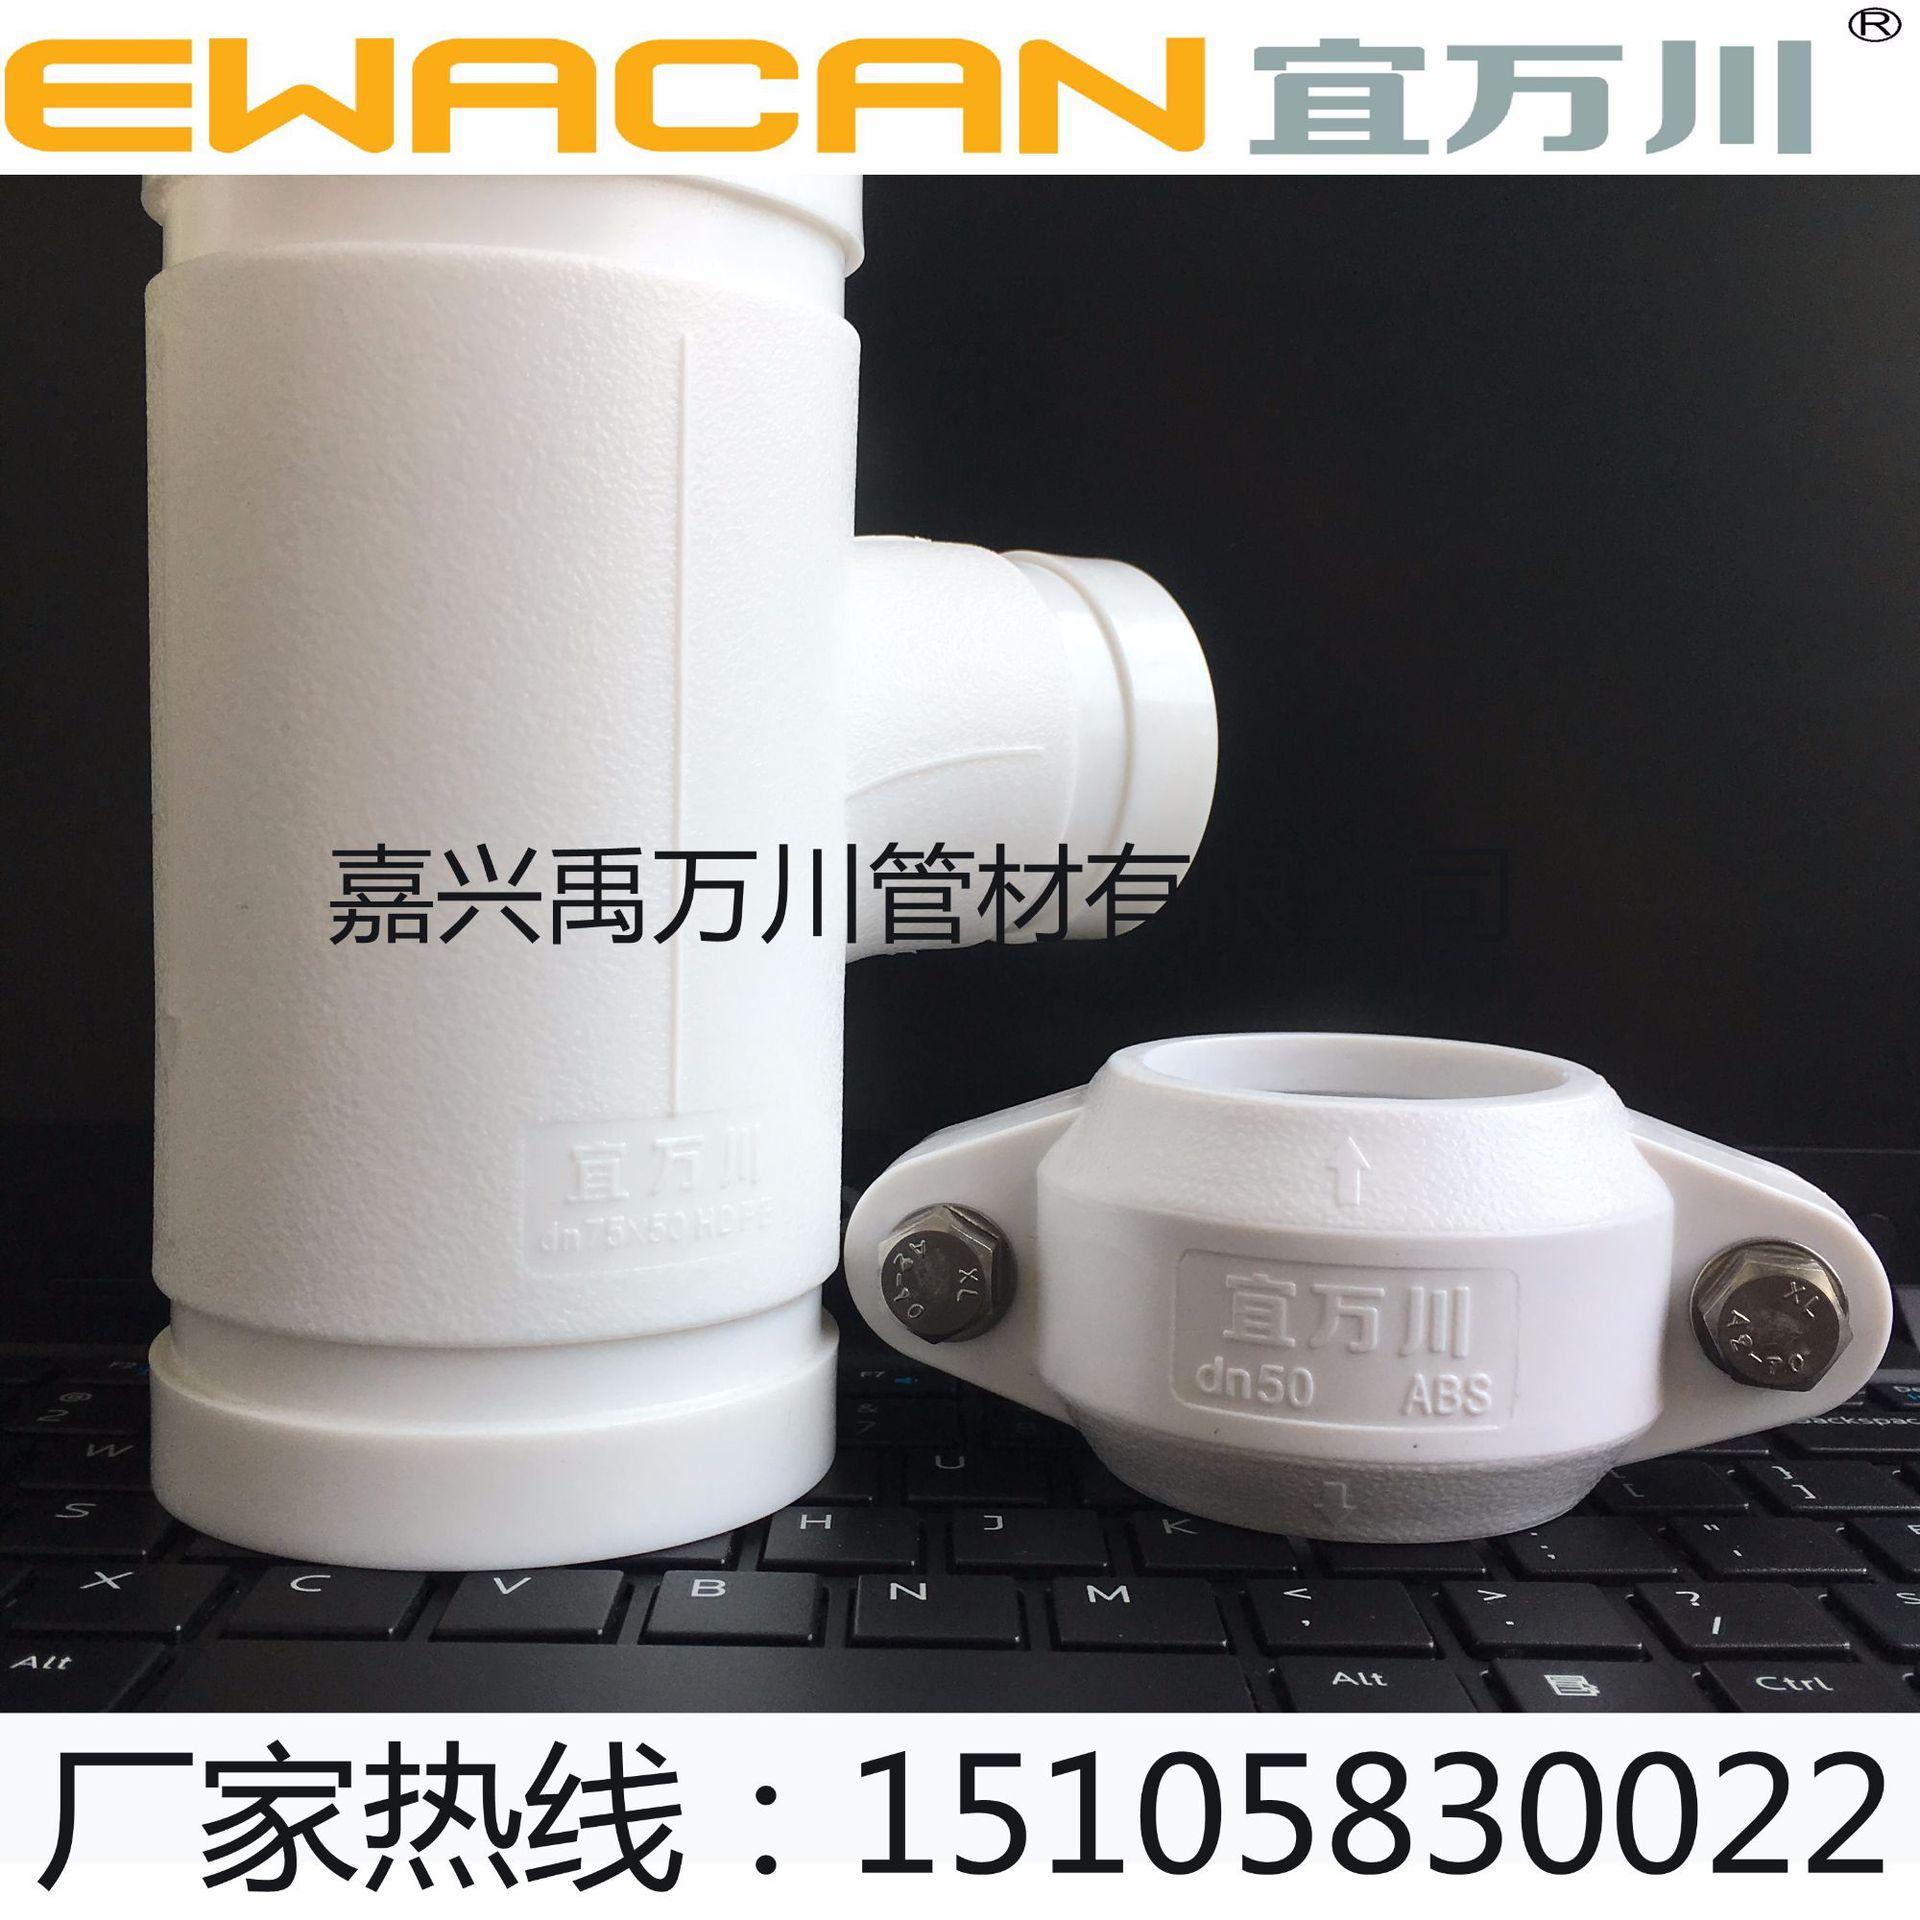 山东HDPE沟槽式超静音排水管,环压柔性连接ABS卡箍,厂家直销示例图1